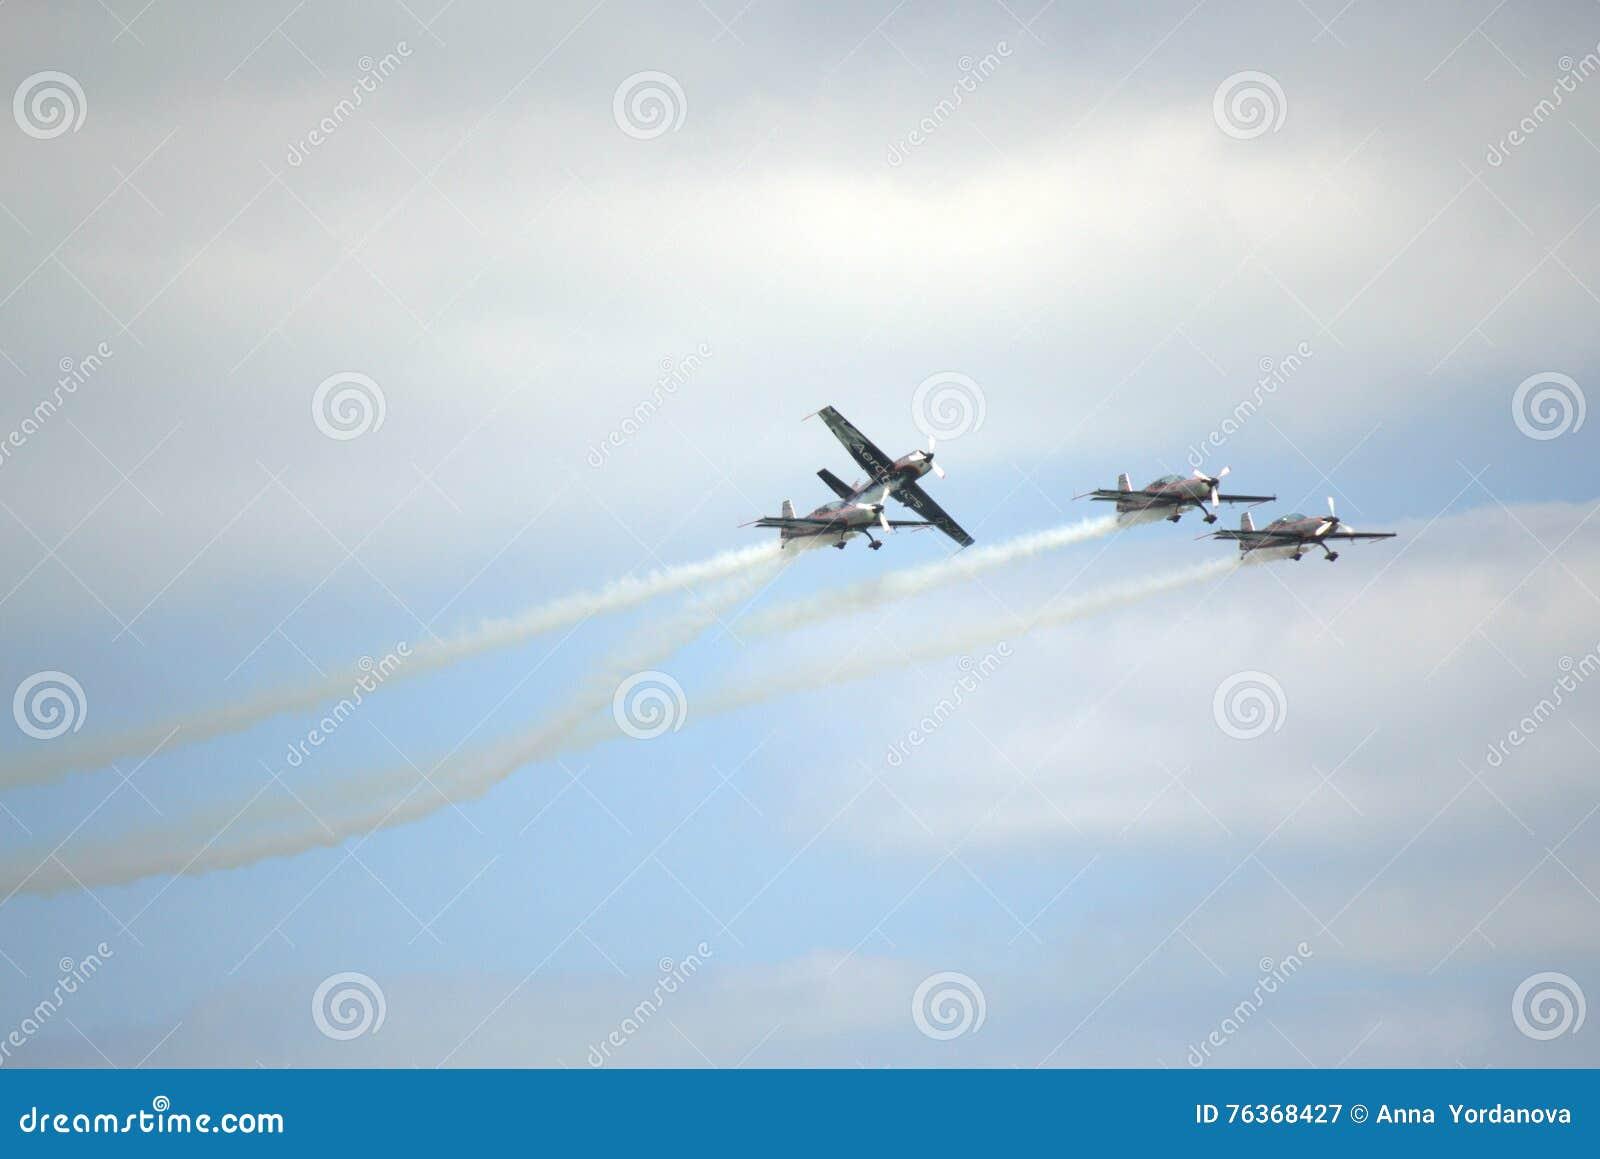 international airshow sussex